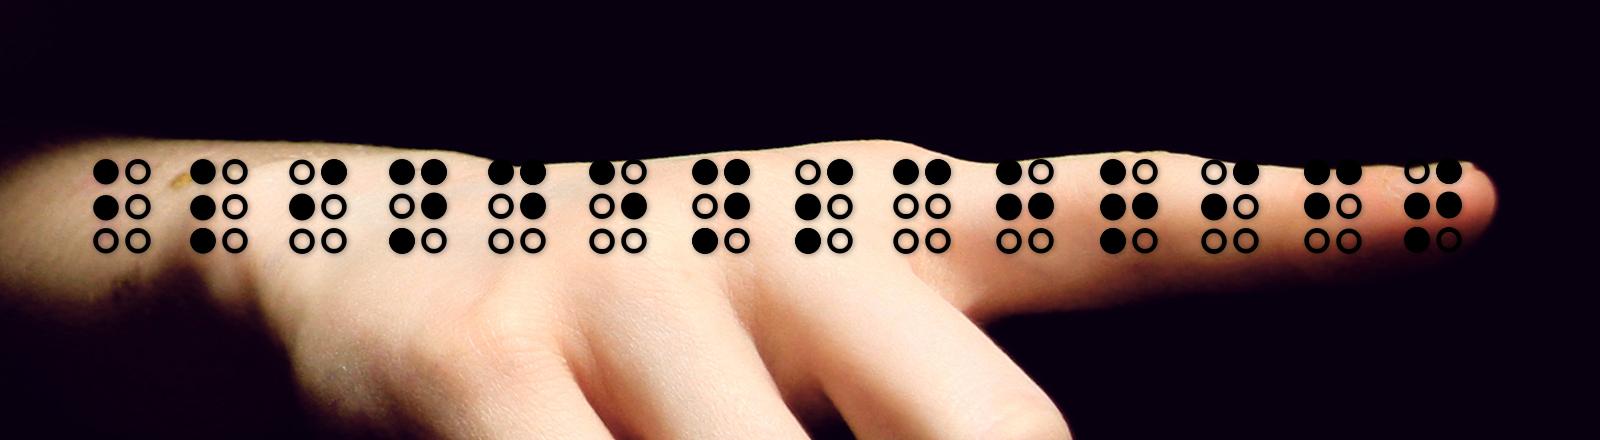 Jemand zeigt mit dem Zeigefinger auf Braille